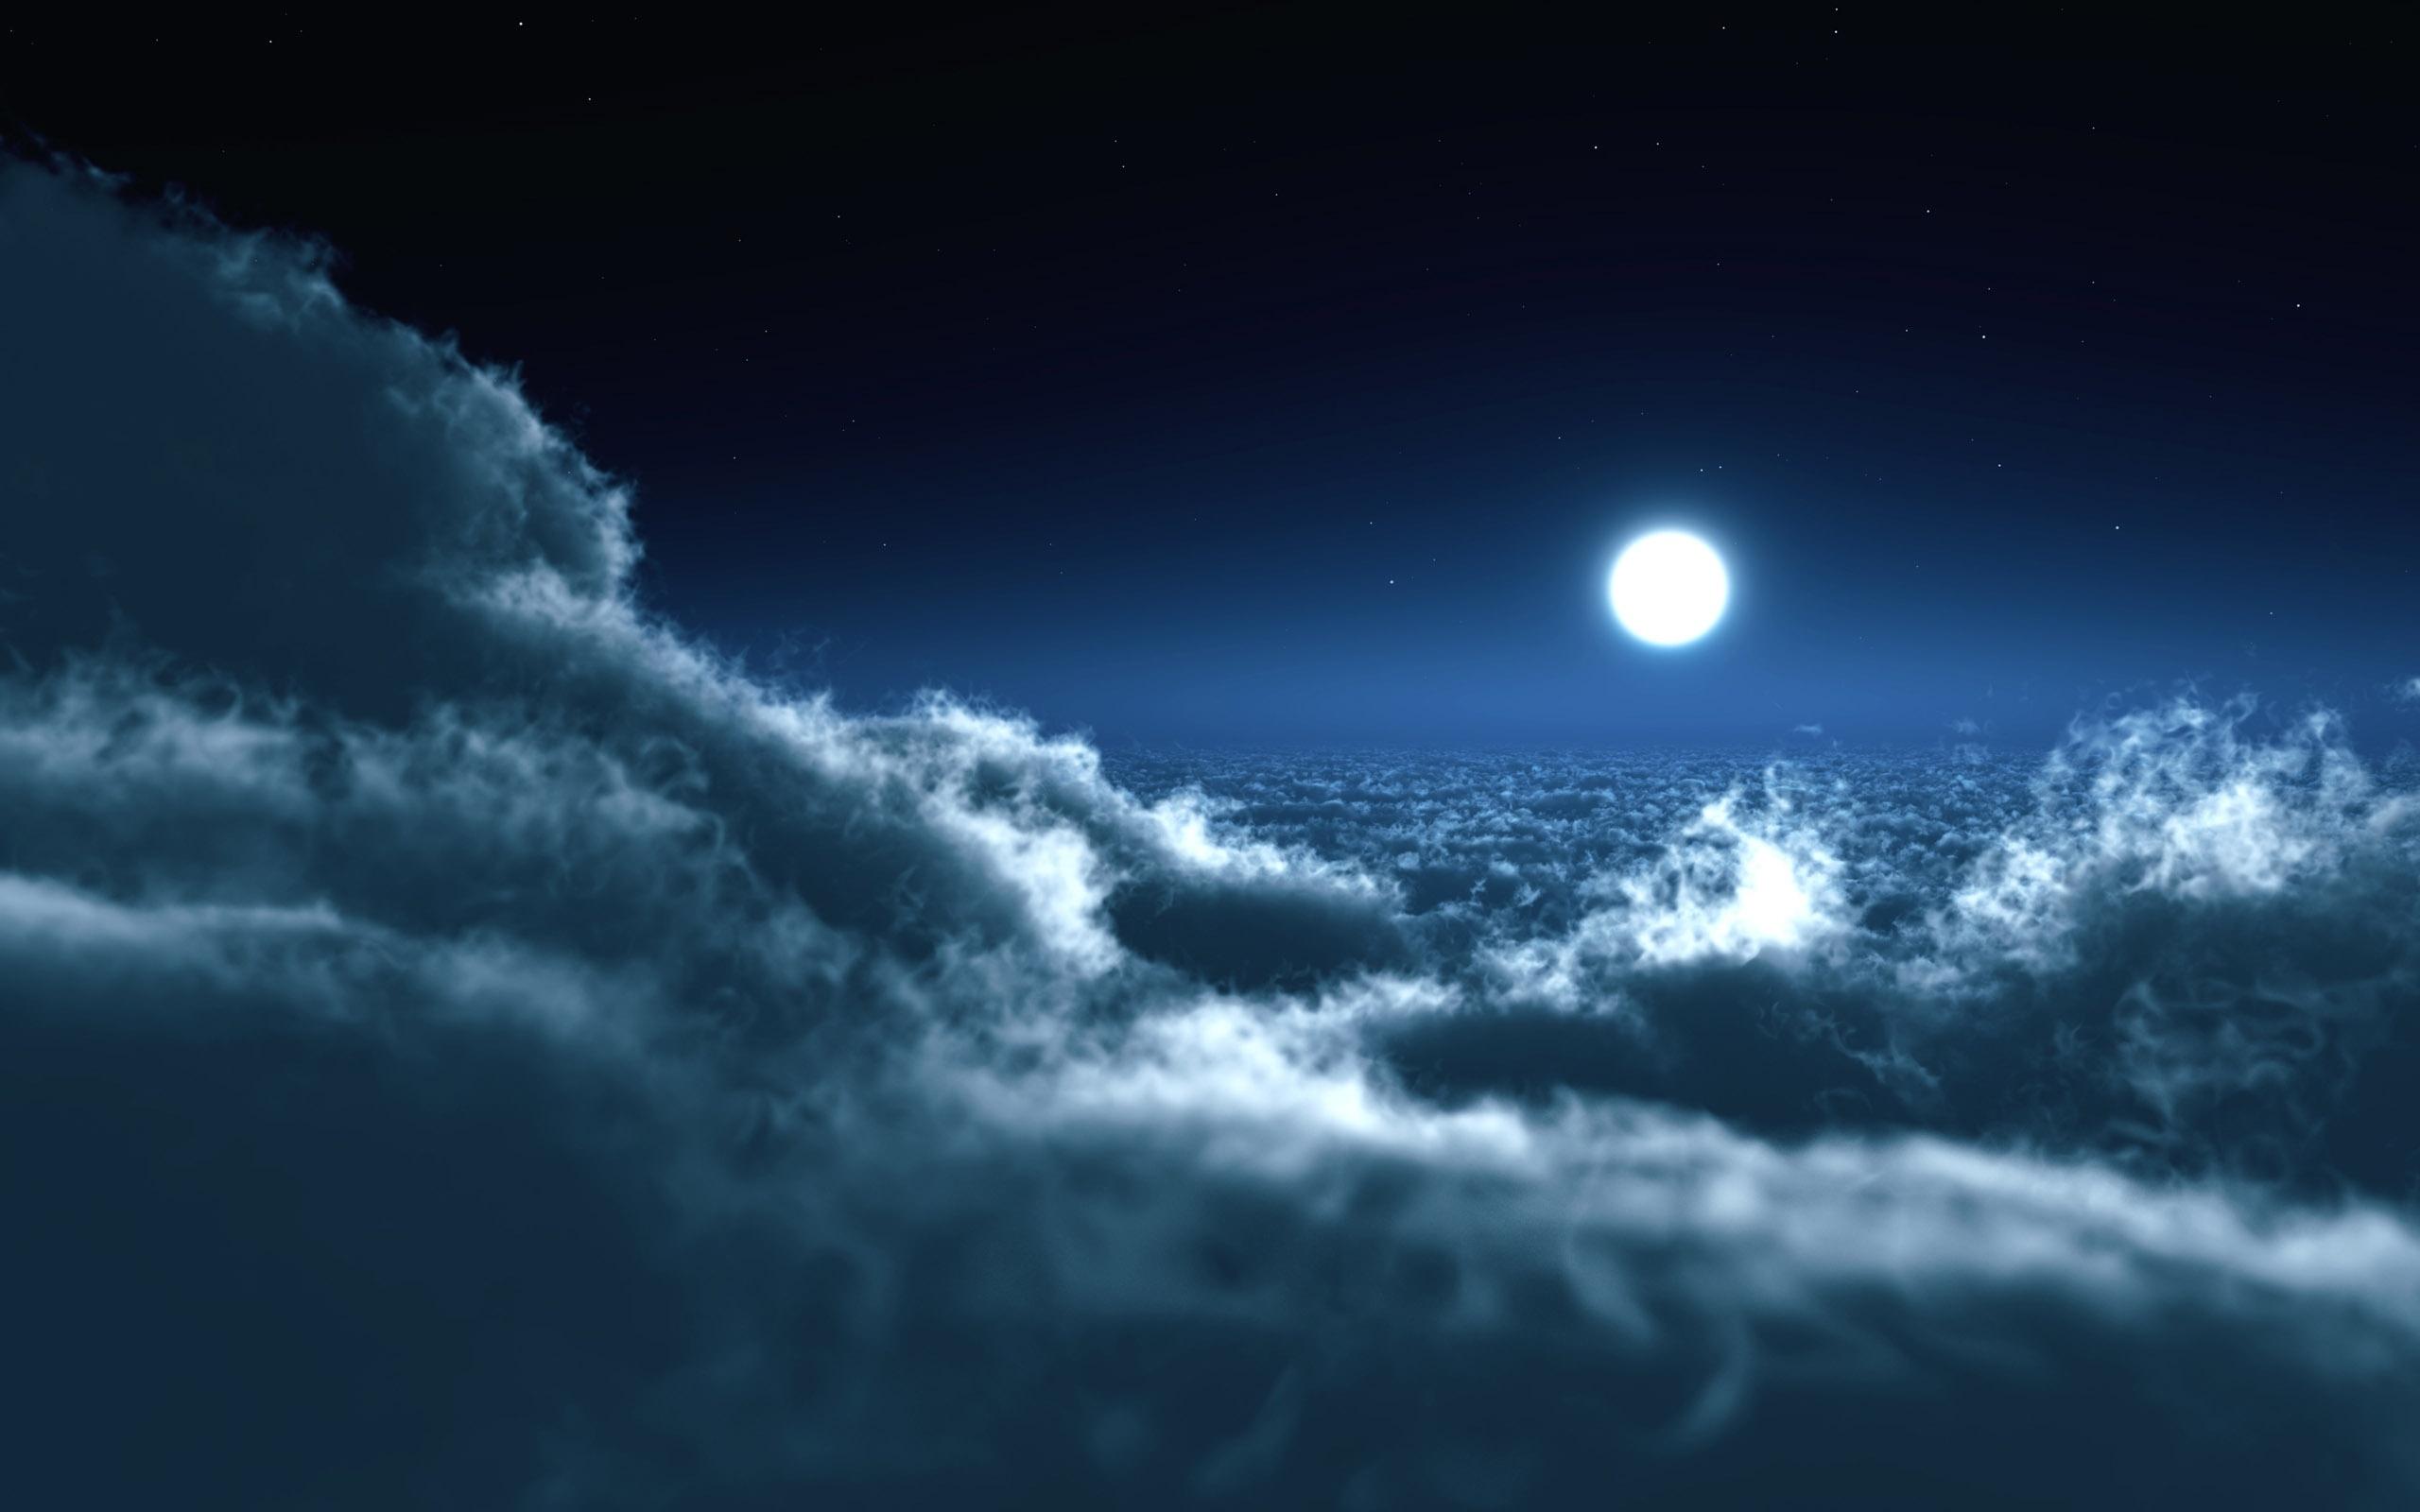 27915 скачать обои Пейзаж, Небо, Ночь, Облака, Луна - заставки и картинки бесплатно